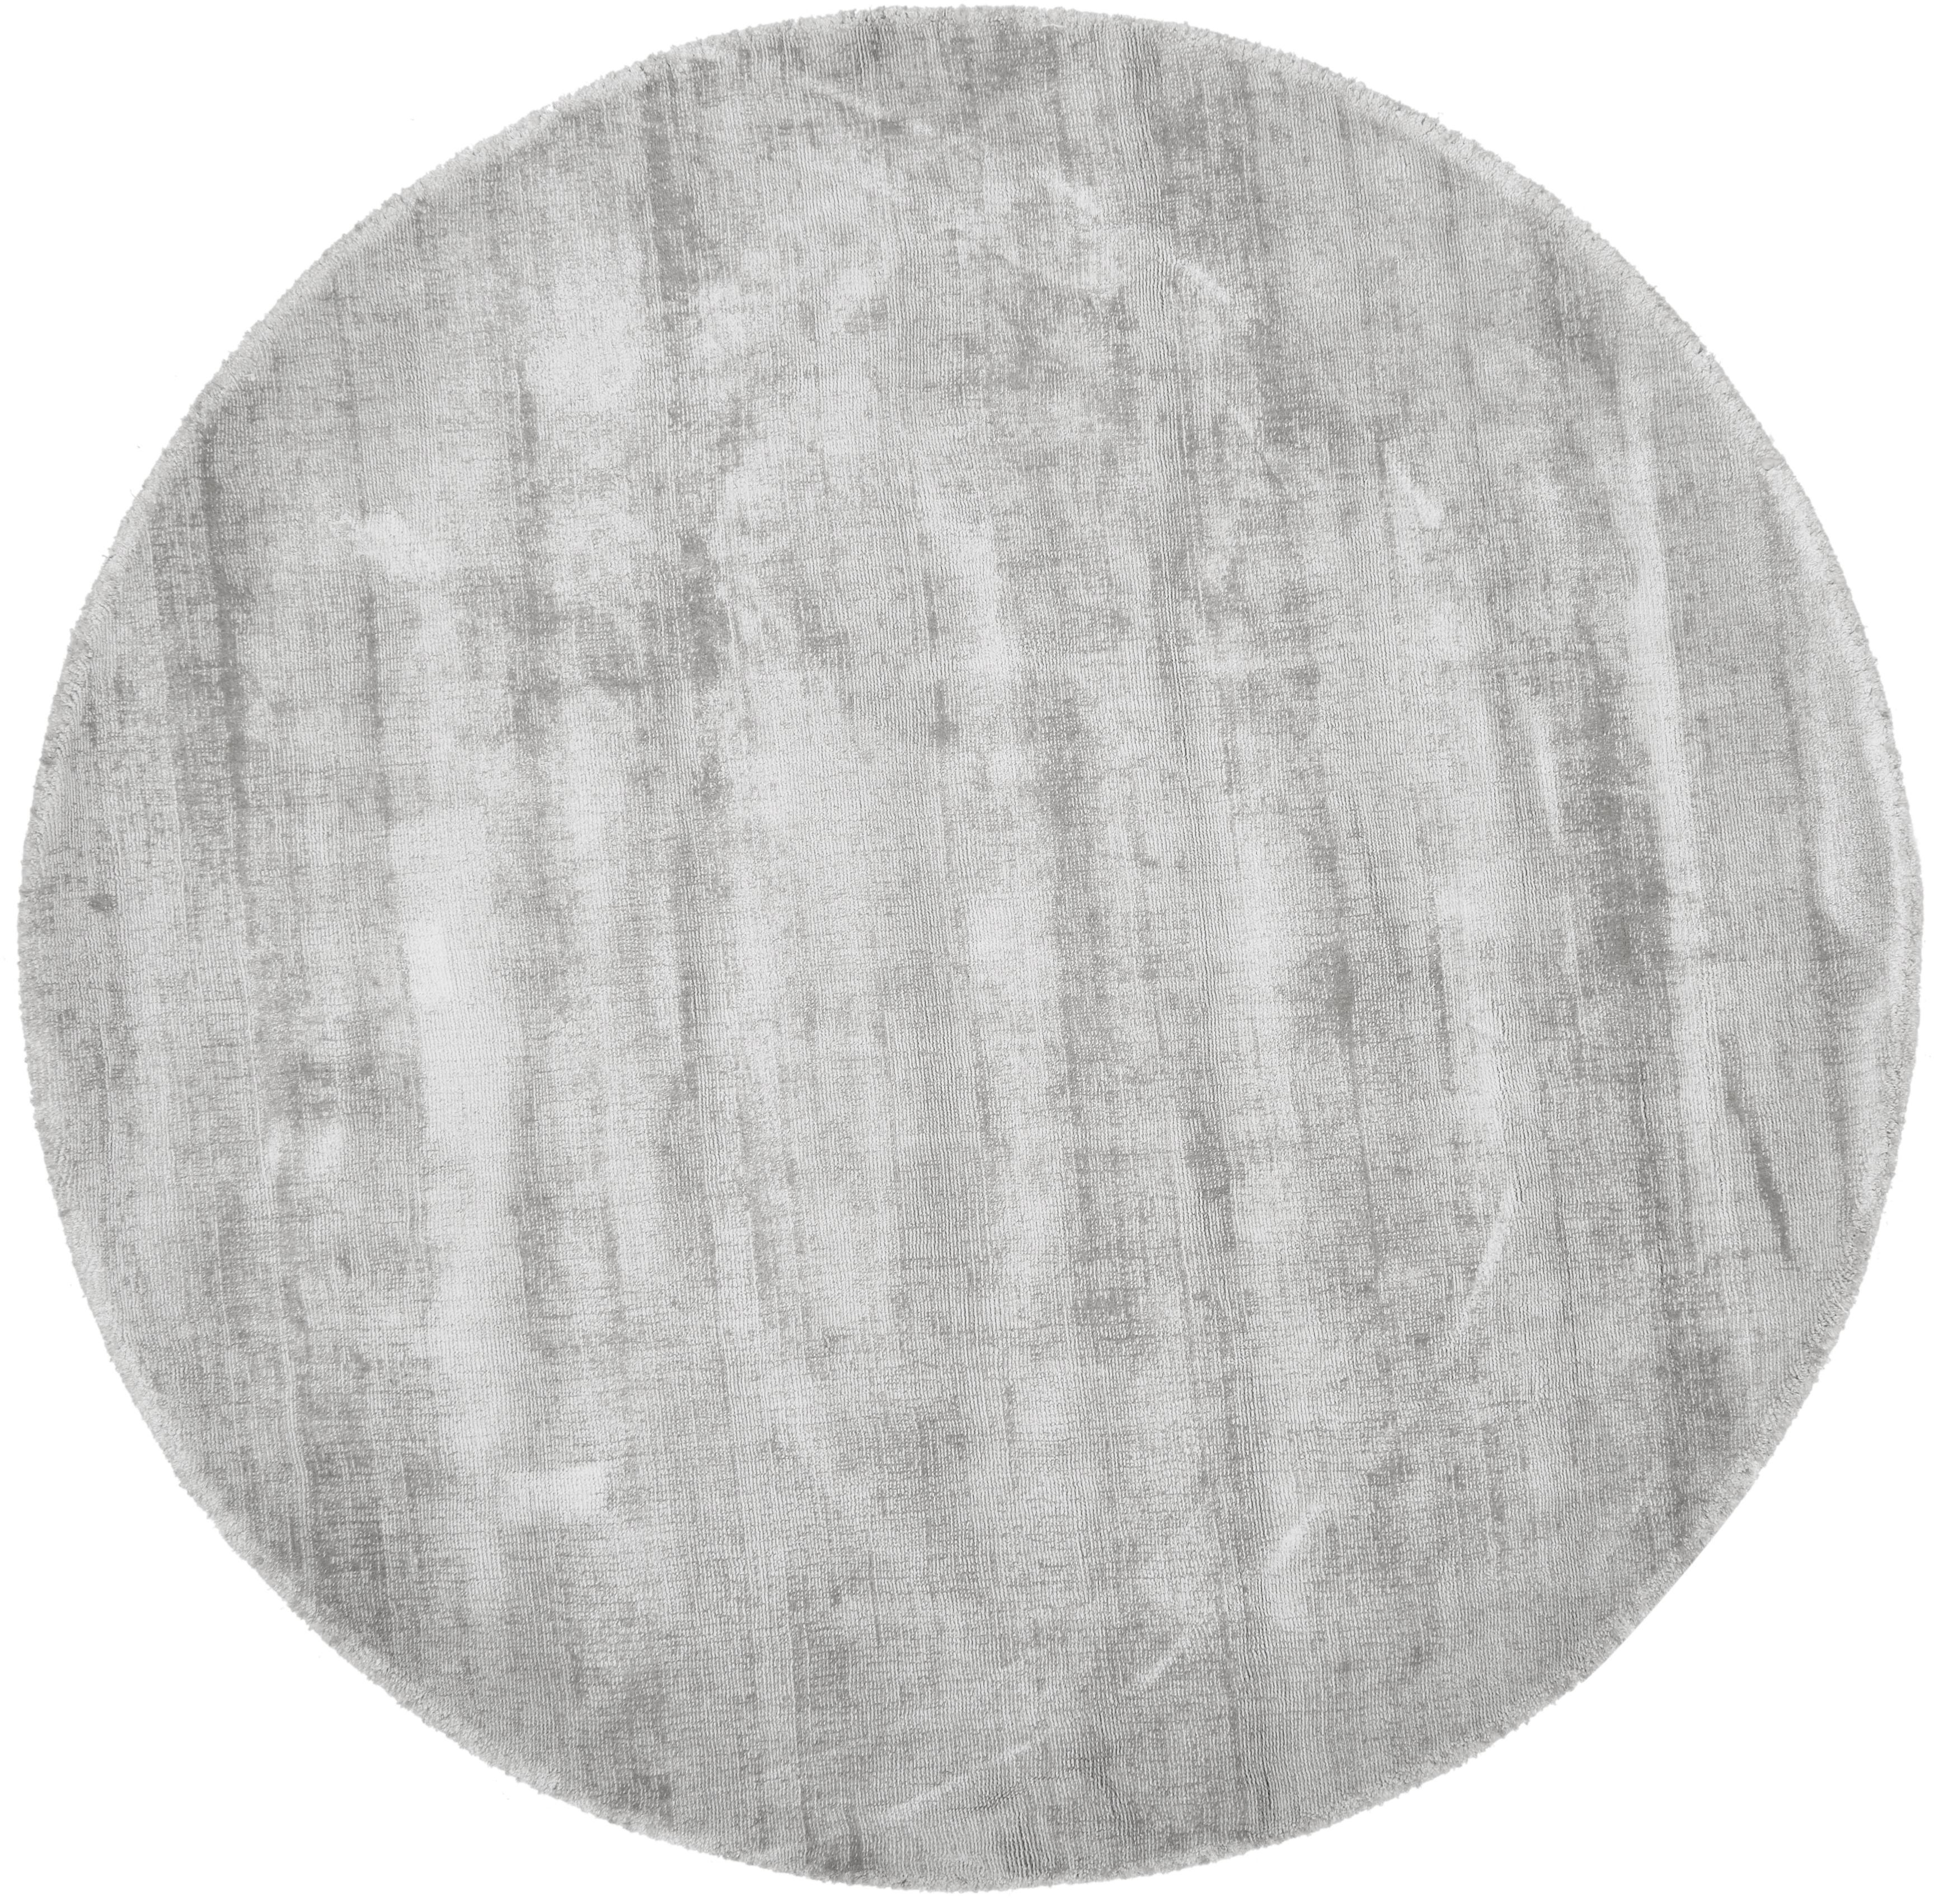 Rond handgeweven viscose vloerkleed Jane in lichtgrijs-beige, Bovenzijde: 100% viscose, Onderzijde: 100% katoen, Lichtgrijs-beige, Ø 120 cm